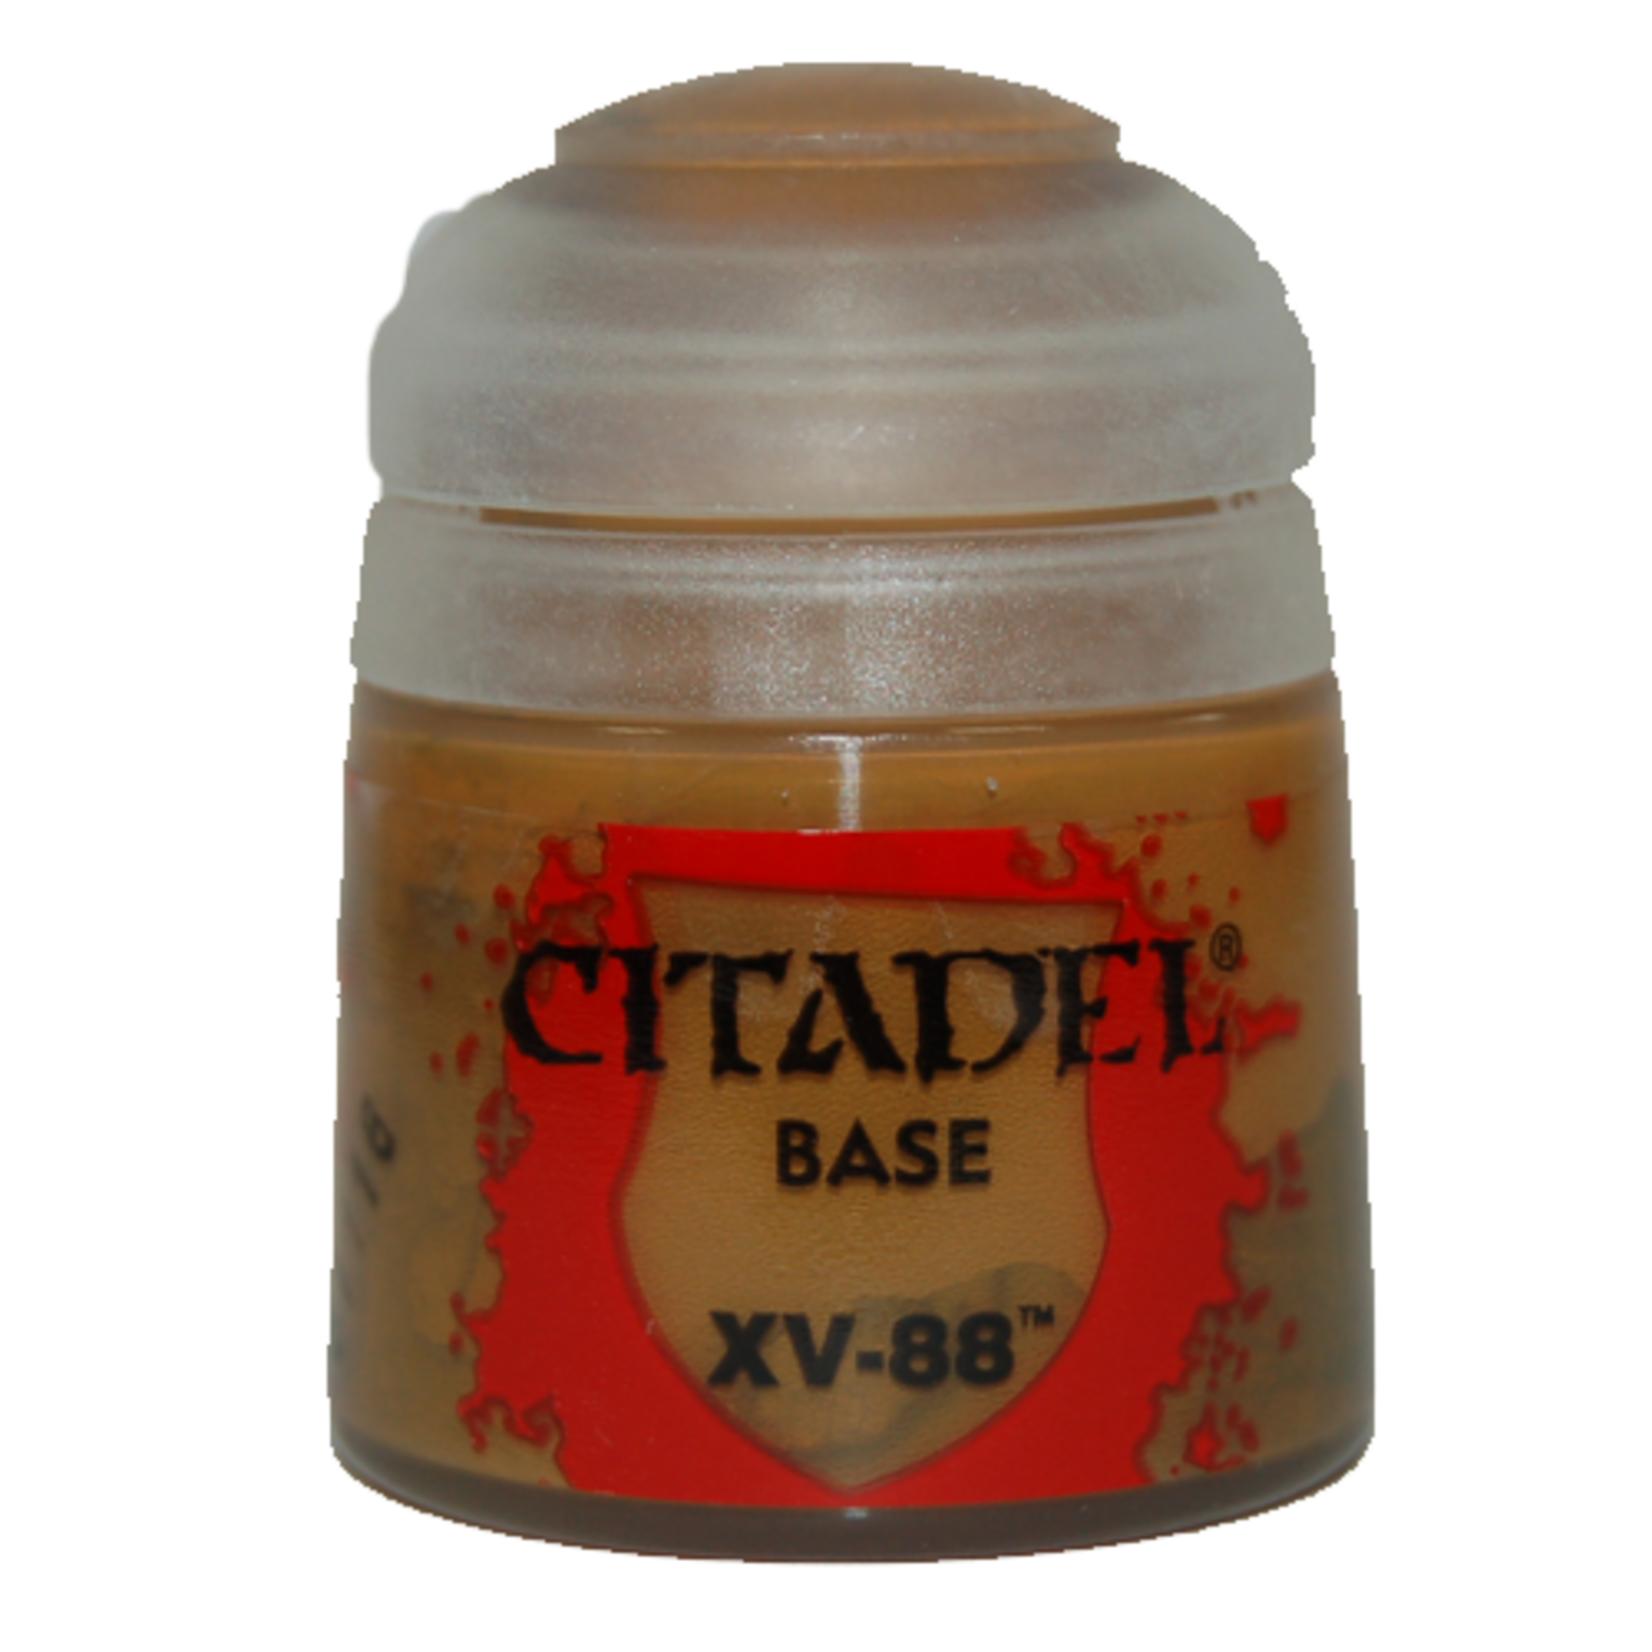 Citadel Citadel Paint - Base: XV88